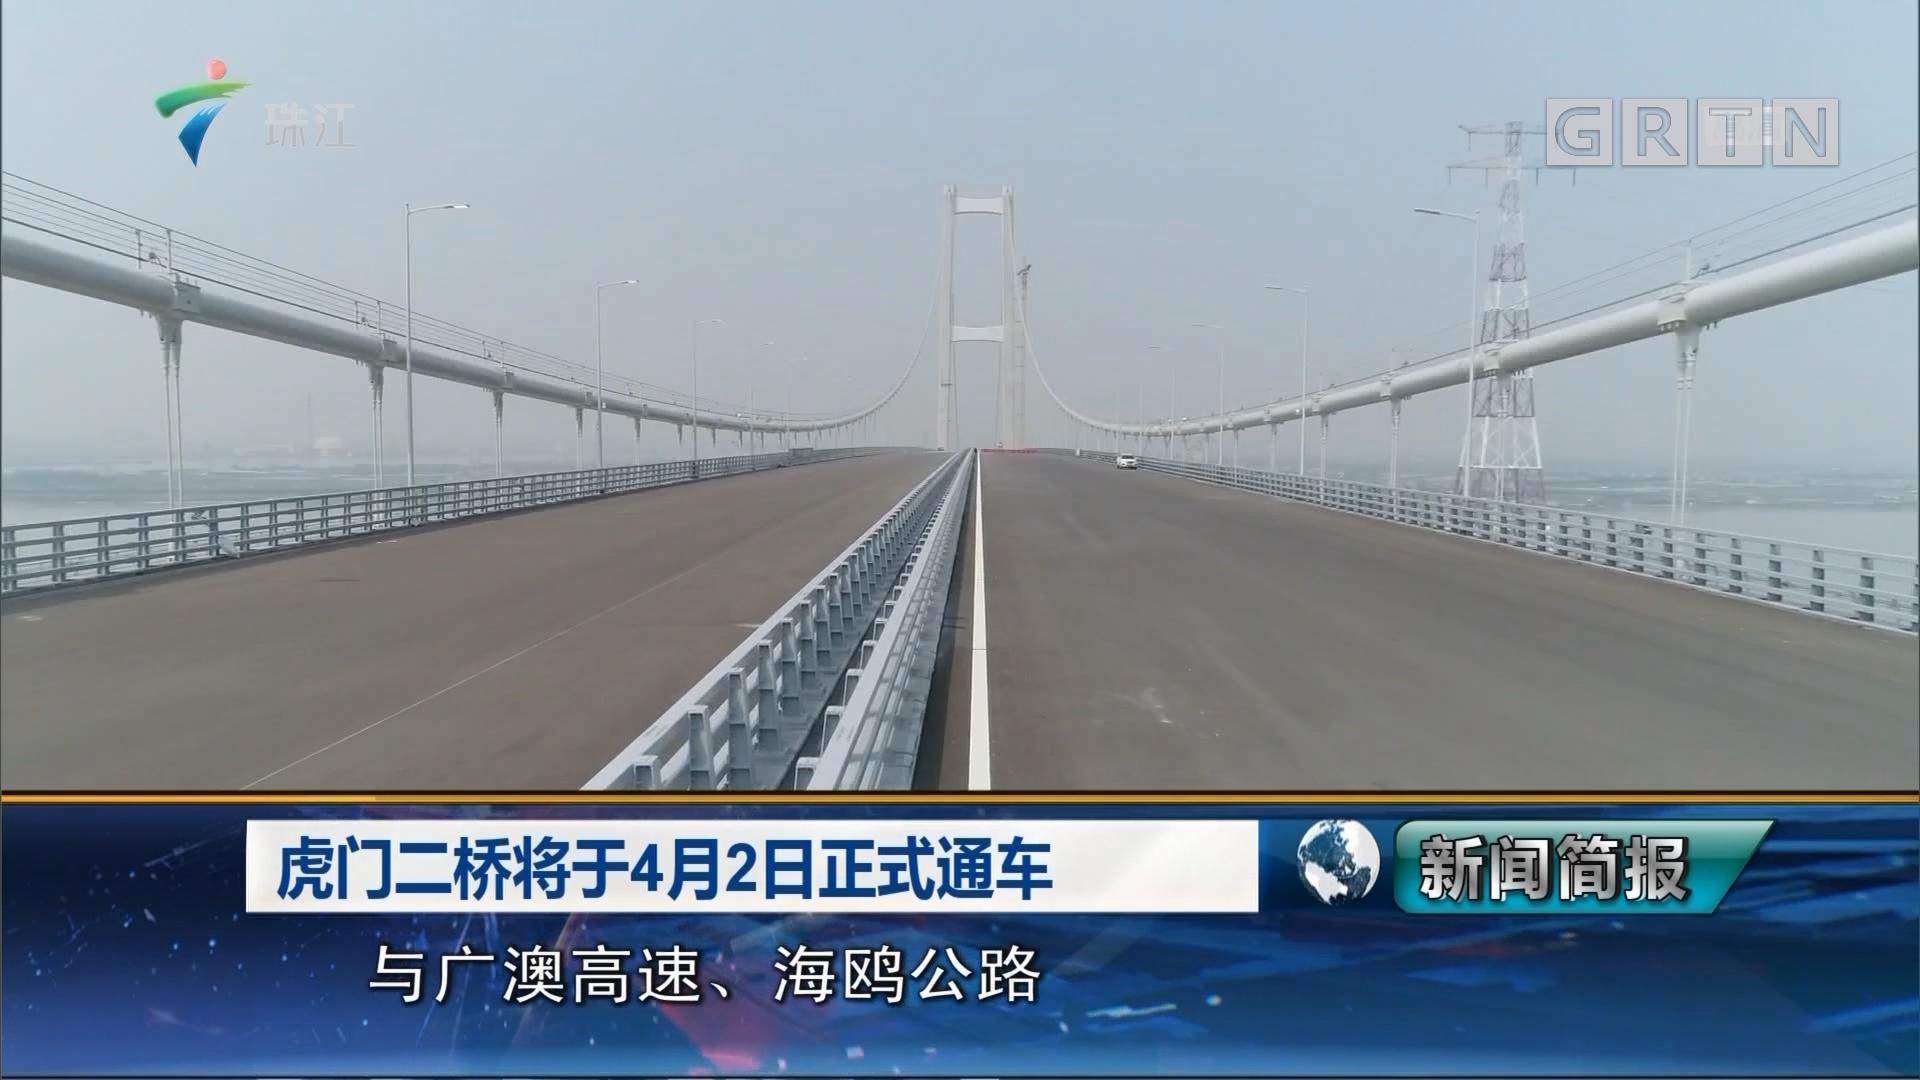 虎门二桥将于4月2日正式通车